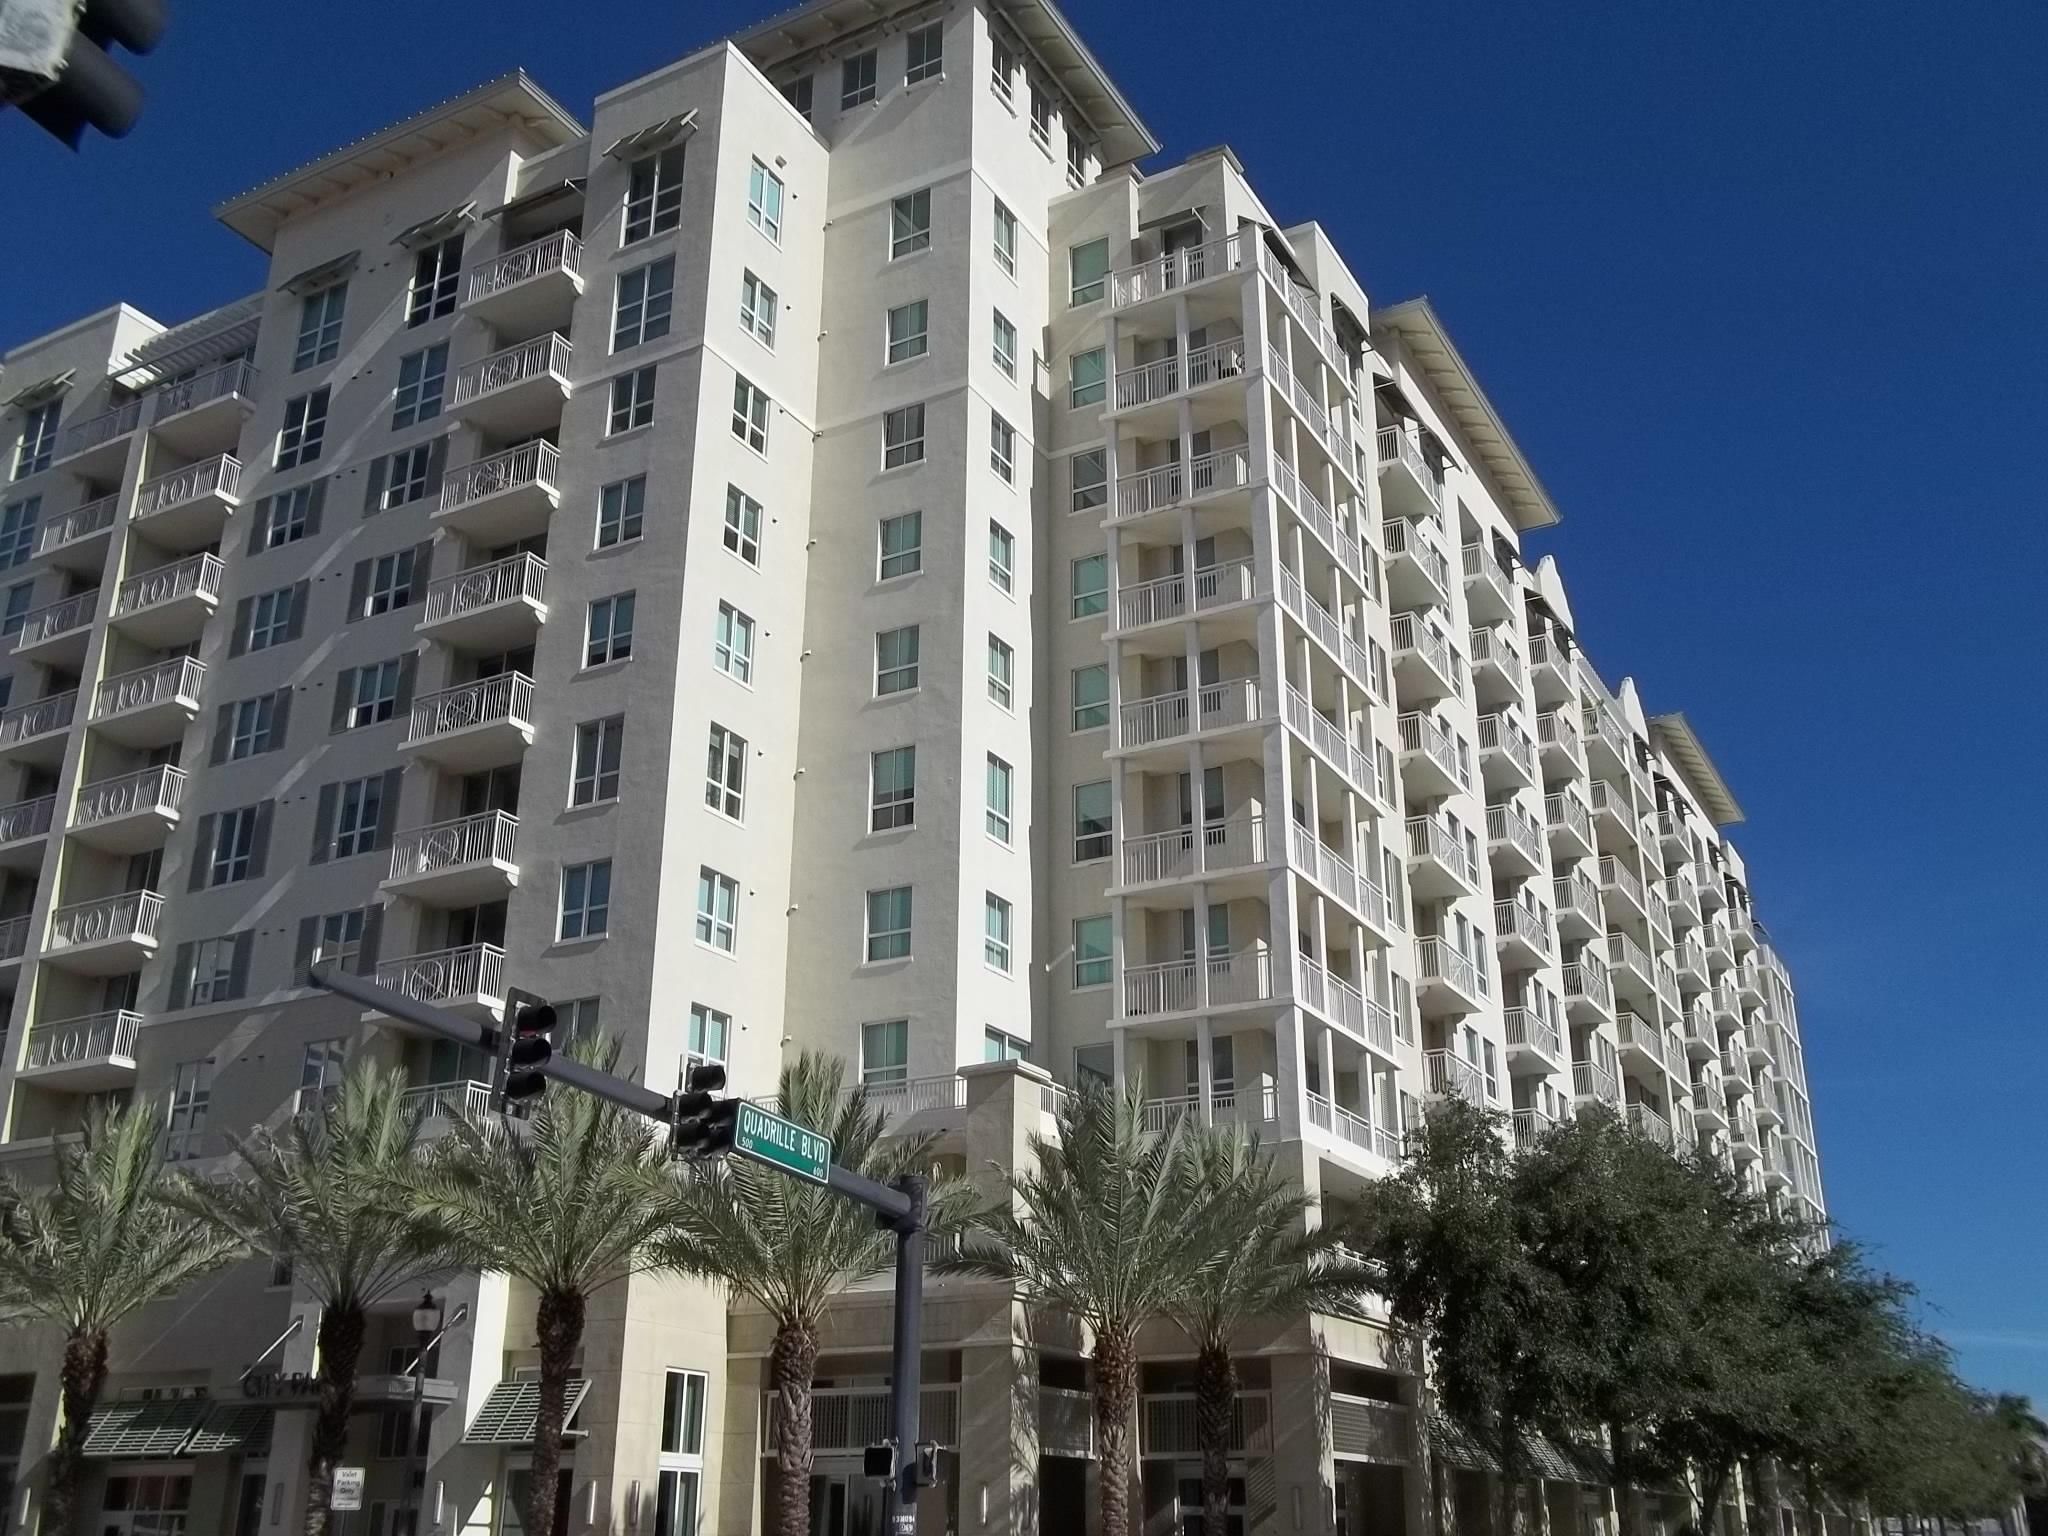 480 Hibiscus Street, West Palm Beach, Florida 33401, 1 Bedroom Bedrooms, ,1 BathroomBathrooms,Condo/Coop,For Sale,Hibiscus,10,RX-10470191